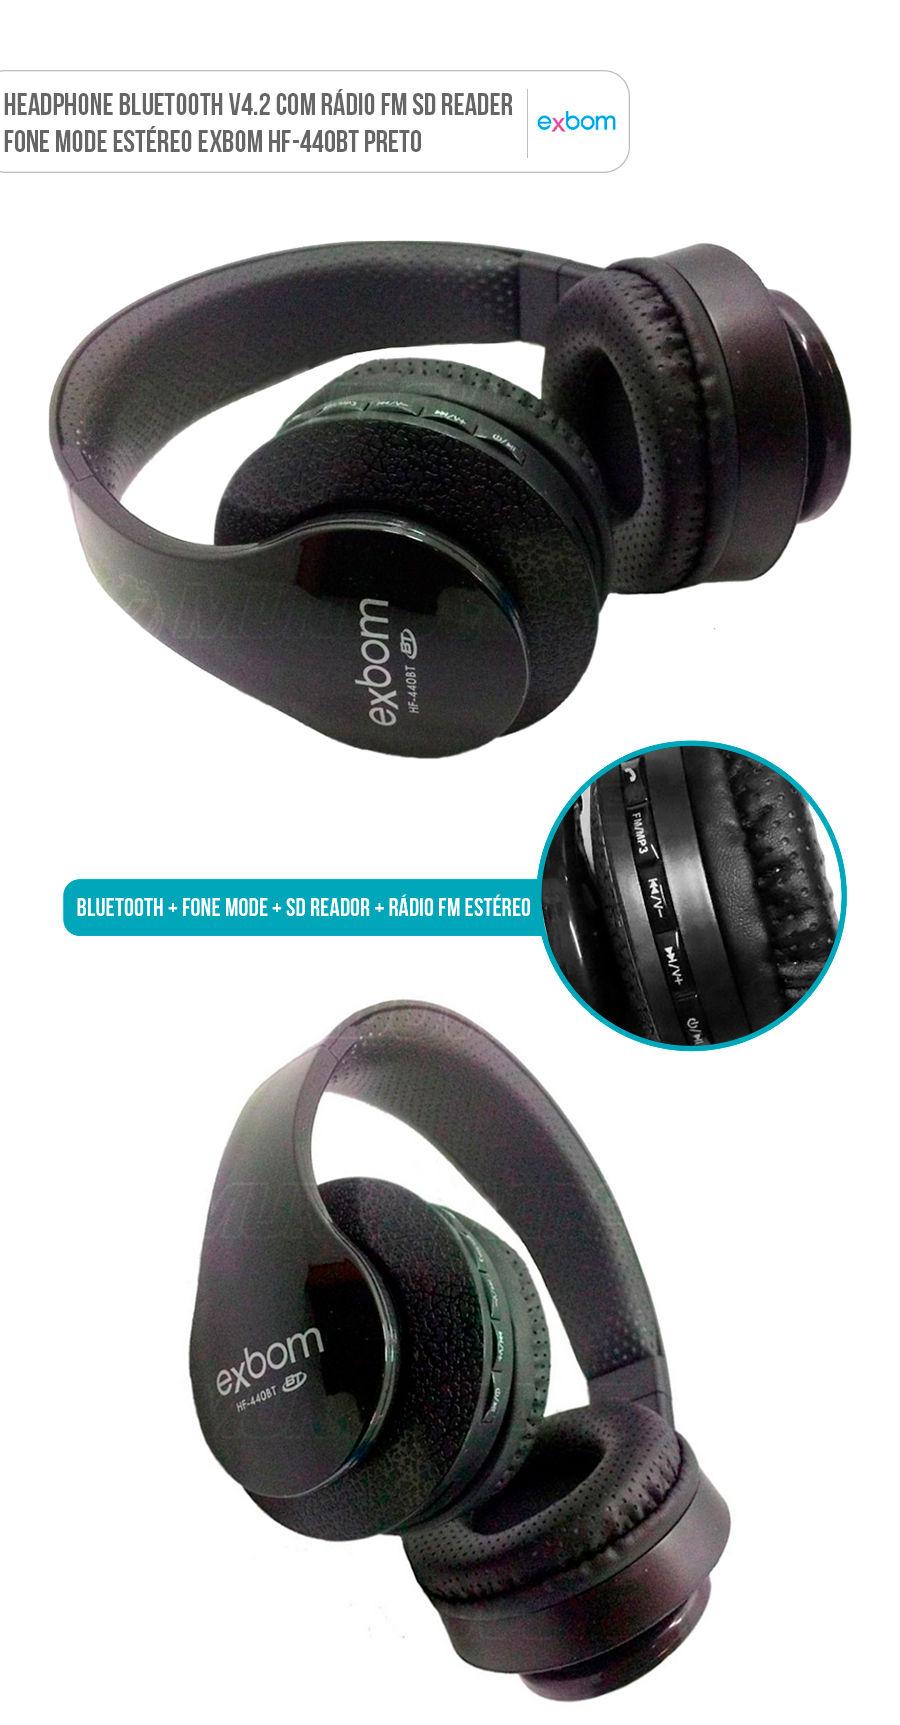 Fone Headphone Bluetooth Multimídia Preto com FM Cartão SD Headfone